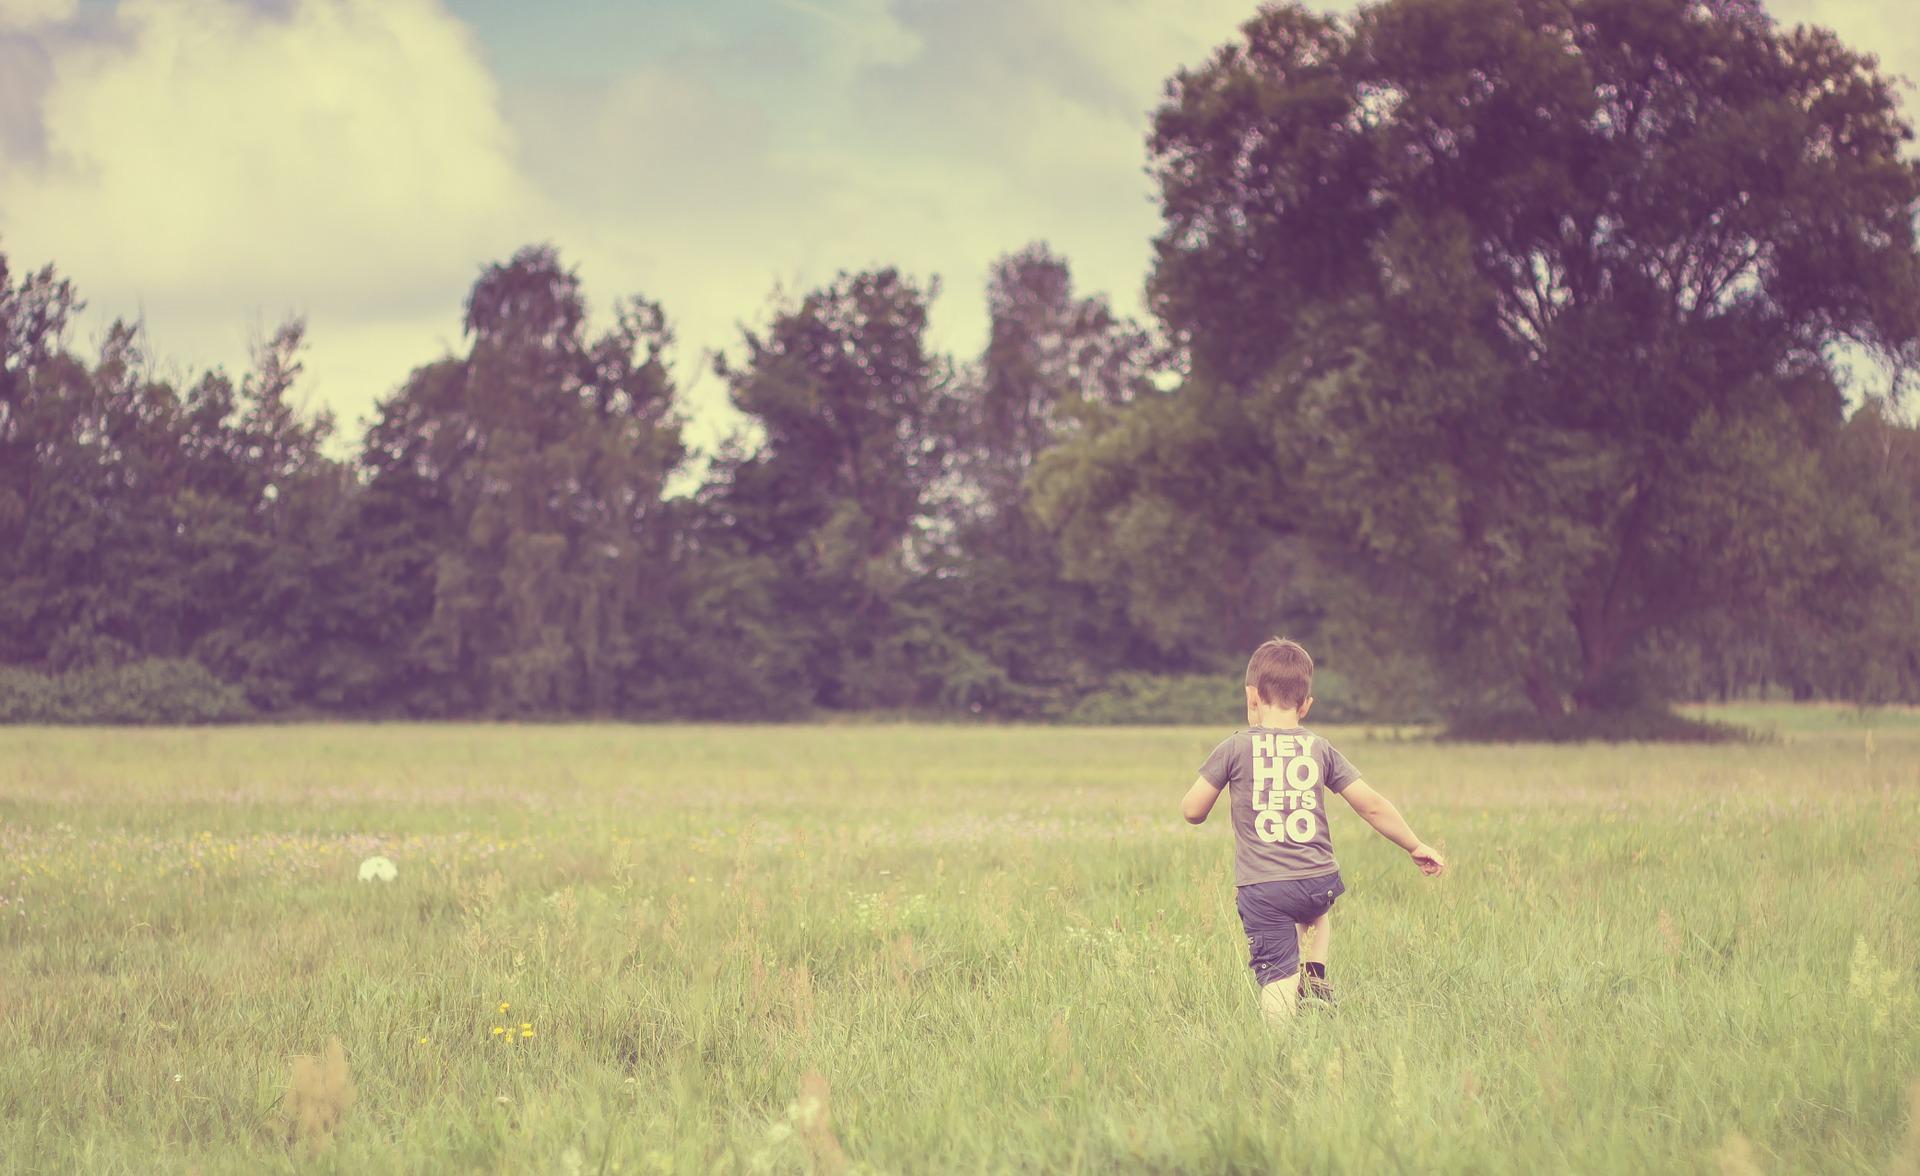 child-420952_1920.jpg